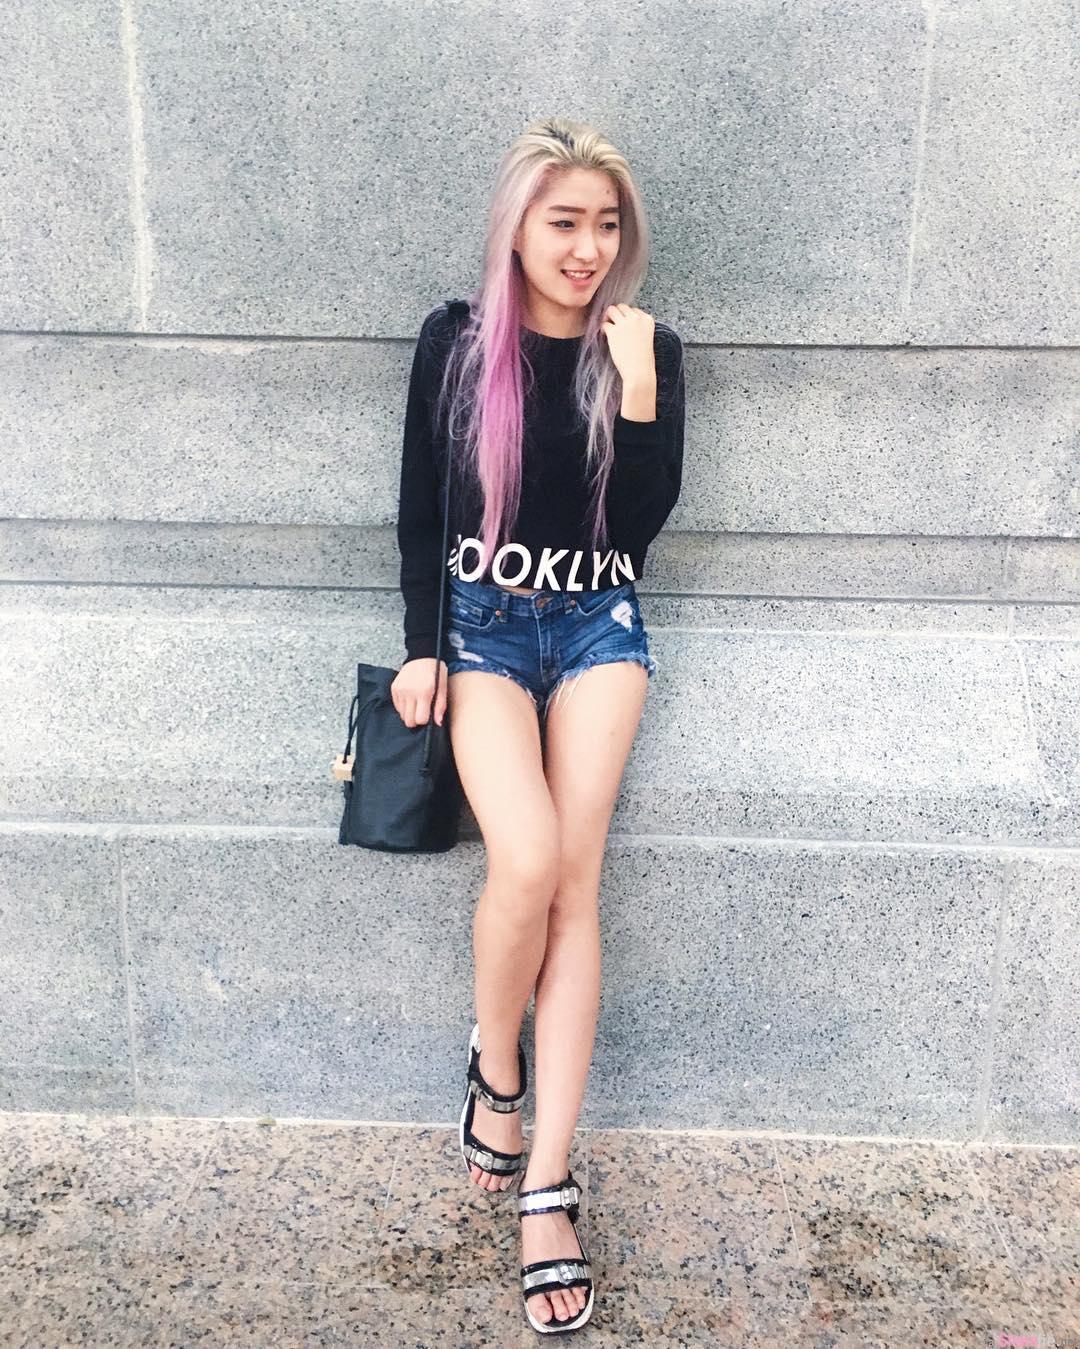 新加坡正妹 SHERRILL 性感美腿 网友:超厉害的平衡感